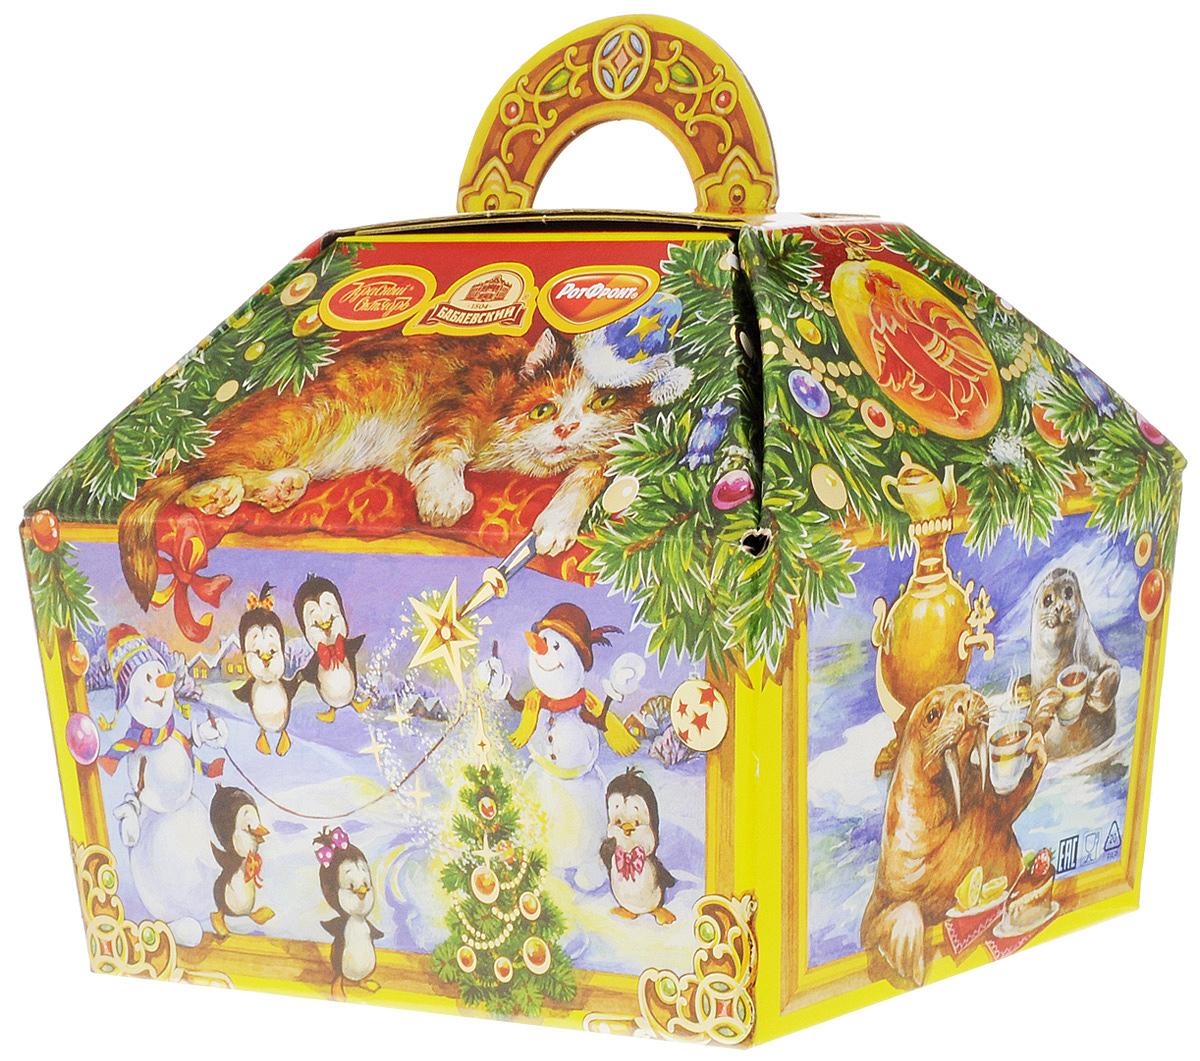 Объединенный кондитер Новогодний подарок Шоколадная шкатулка, 800 г4665270162139Новогодний подарок конфет Объединенный кондитер Шоколадная шкатулка станет отличным дополнением к новогоднему подарку родным и близким.Набор поставляется в подарочной упаковке в виде шкатулки.Противопоказано при индивидуальной непереносимости белка молока и/или яичного белка.Уважаемые клиенты! Обращаем ваше внимание на тот факт, что срок годности товара до 6 мая 2017.Состав набора:«Кара-Кум» (2 шт)«Маскарад» (2 шт)«Пралинэль» вкус грецкий орех (1 шт)«Пралинэль» с хрустящими шариками (1 шт)«Птичье молоко» вкус нежные сливки (1 шт)«Лебедушка» вкус Крем-Карамель» (2 шт)«Коровка» Любимая (1 шт)«Novella» (Новелла) с мягким ирисом (2 шт)«Novella» (Новелла) с желе вкус Лесные ягоды (1 шт)«Неженка» вкус - сгущенное молоко (2 шт)«Неженка» вкус - сливочный пломбир» (2 шт)«Ешкина коровка» СУПЕР сгущенка (1 шт)«Лакомка» молочно-шоколадный вкус (1 шт)«Мишка косолапый» (2 шт)«Красная шапочка» (1 шт)«Коровка» вкус Топленое молоко (2 шт)«Батончики «РОТ ФРОНТ» (1 шт)«Лакомка» ореховый Брауни (1 шт)«Коровка» 30 % молока (1 шт)«Ласточка - вестница весны» (2 шт)«Васильки» (1 шт)«Ешкина коровка» (2 шт)«Раковые шейки» (4 шт)«Гусиные лапки» (2 шт)«Сказка» вкус лимон-лайм (4 шт)«Сказка» вкус горячий шоколад (3 шт)«Сказка» со сгущенкой (4 шт) «Фея» (2 шт) «Мечта» (2 шт)«Москвичка» (2 шт)«Фруктик» барбарисовый вкус (4 шт)«Лакомка - Суперкакао» (3 шт)«Лакомка - Супермолочная» (4 шт)«Столичная любимая» (4 шт)шоколад молочный «Аленка» (1 шт) печенье сахарное «Мишка-топтыжка» вкус сгущенки (1 шт)вафли глазированные «Автогонки» (1 шт)зефир с черной смородиной в шоколадной глазури «Сладкие истории»Уважаемые клиенты! Обращаем ваше внимание, что полный перечень состава продукта представлен на дополнительном изображении.